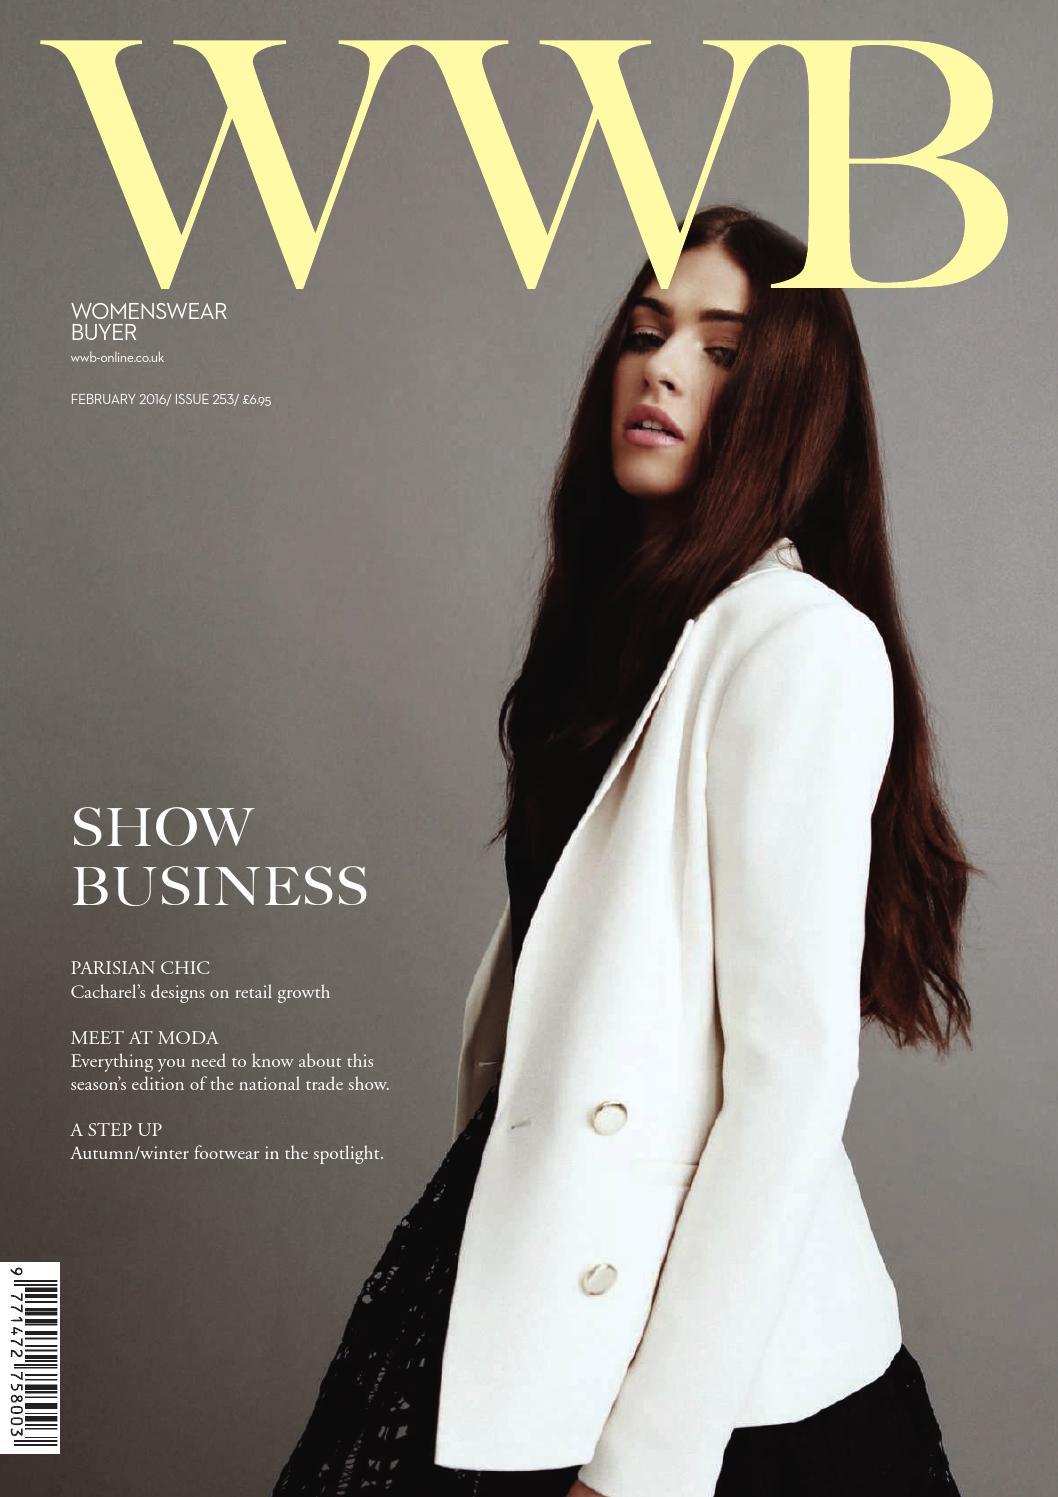 f30e65b2ddac WWB MAGAZINE FEBRUARY ISSUE 253 by fashion buyers Ltd - issuu